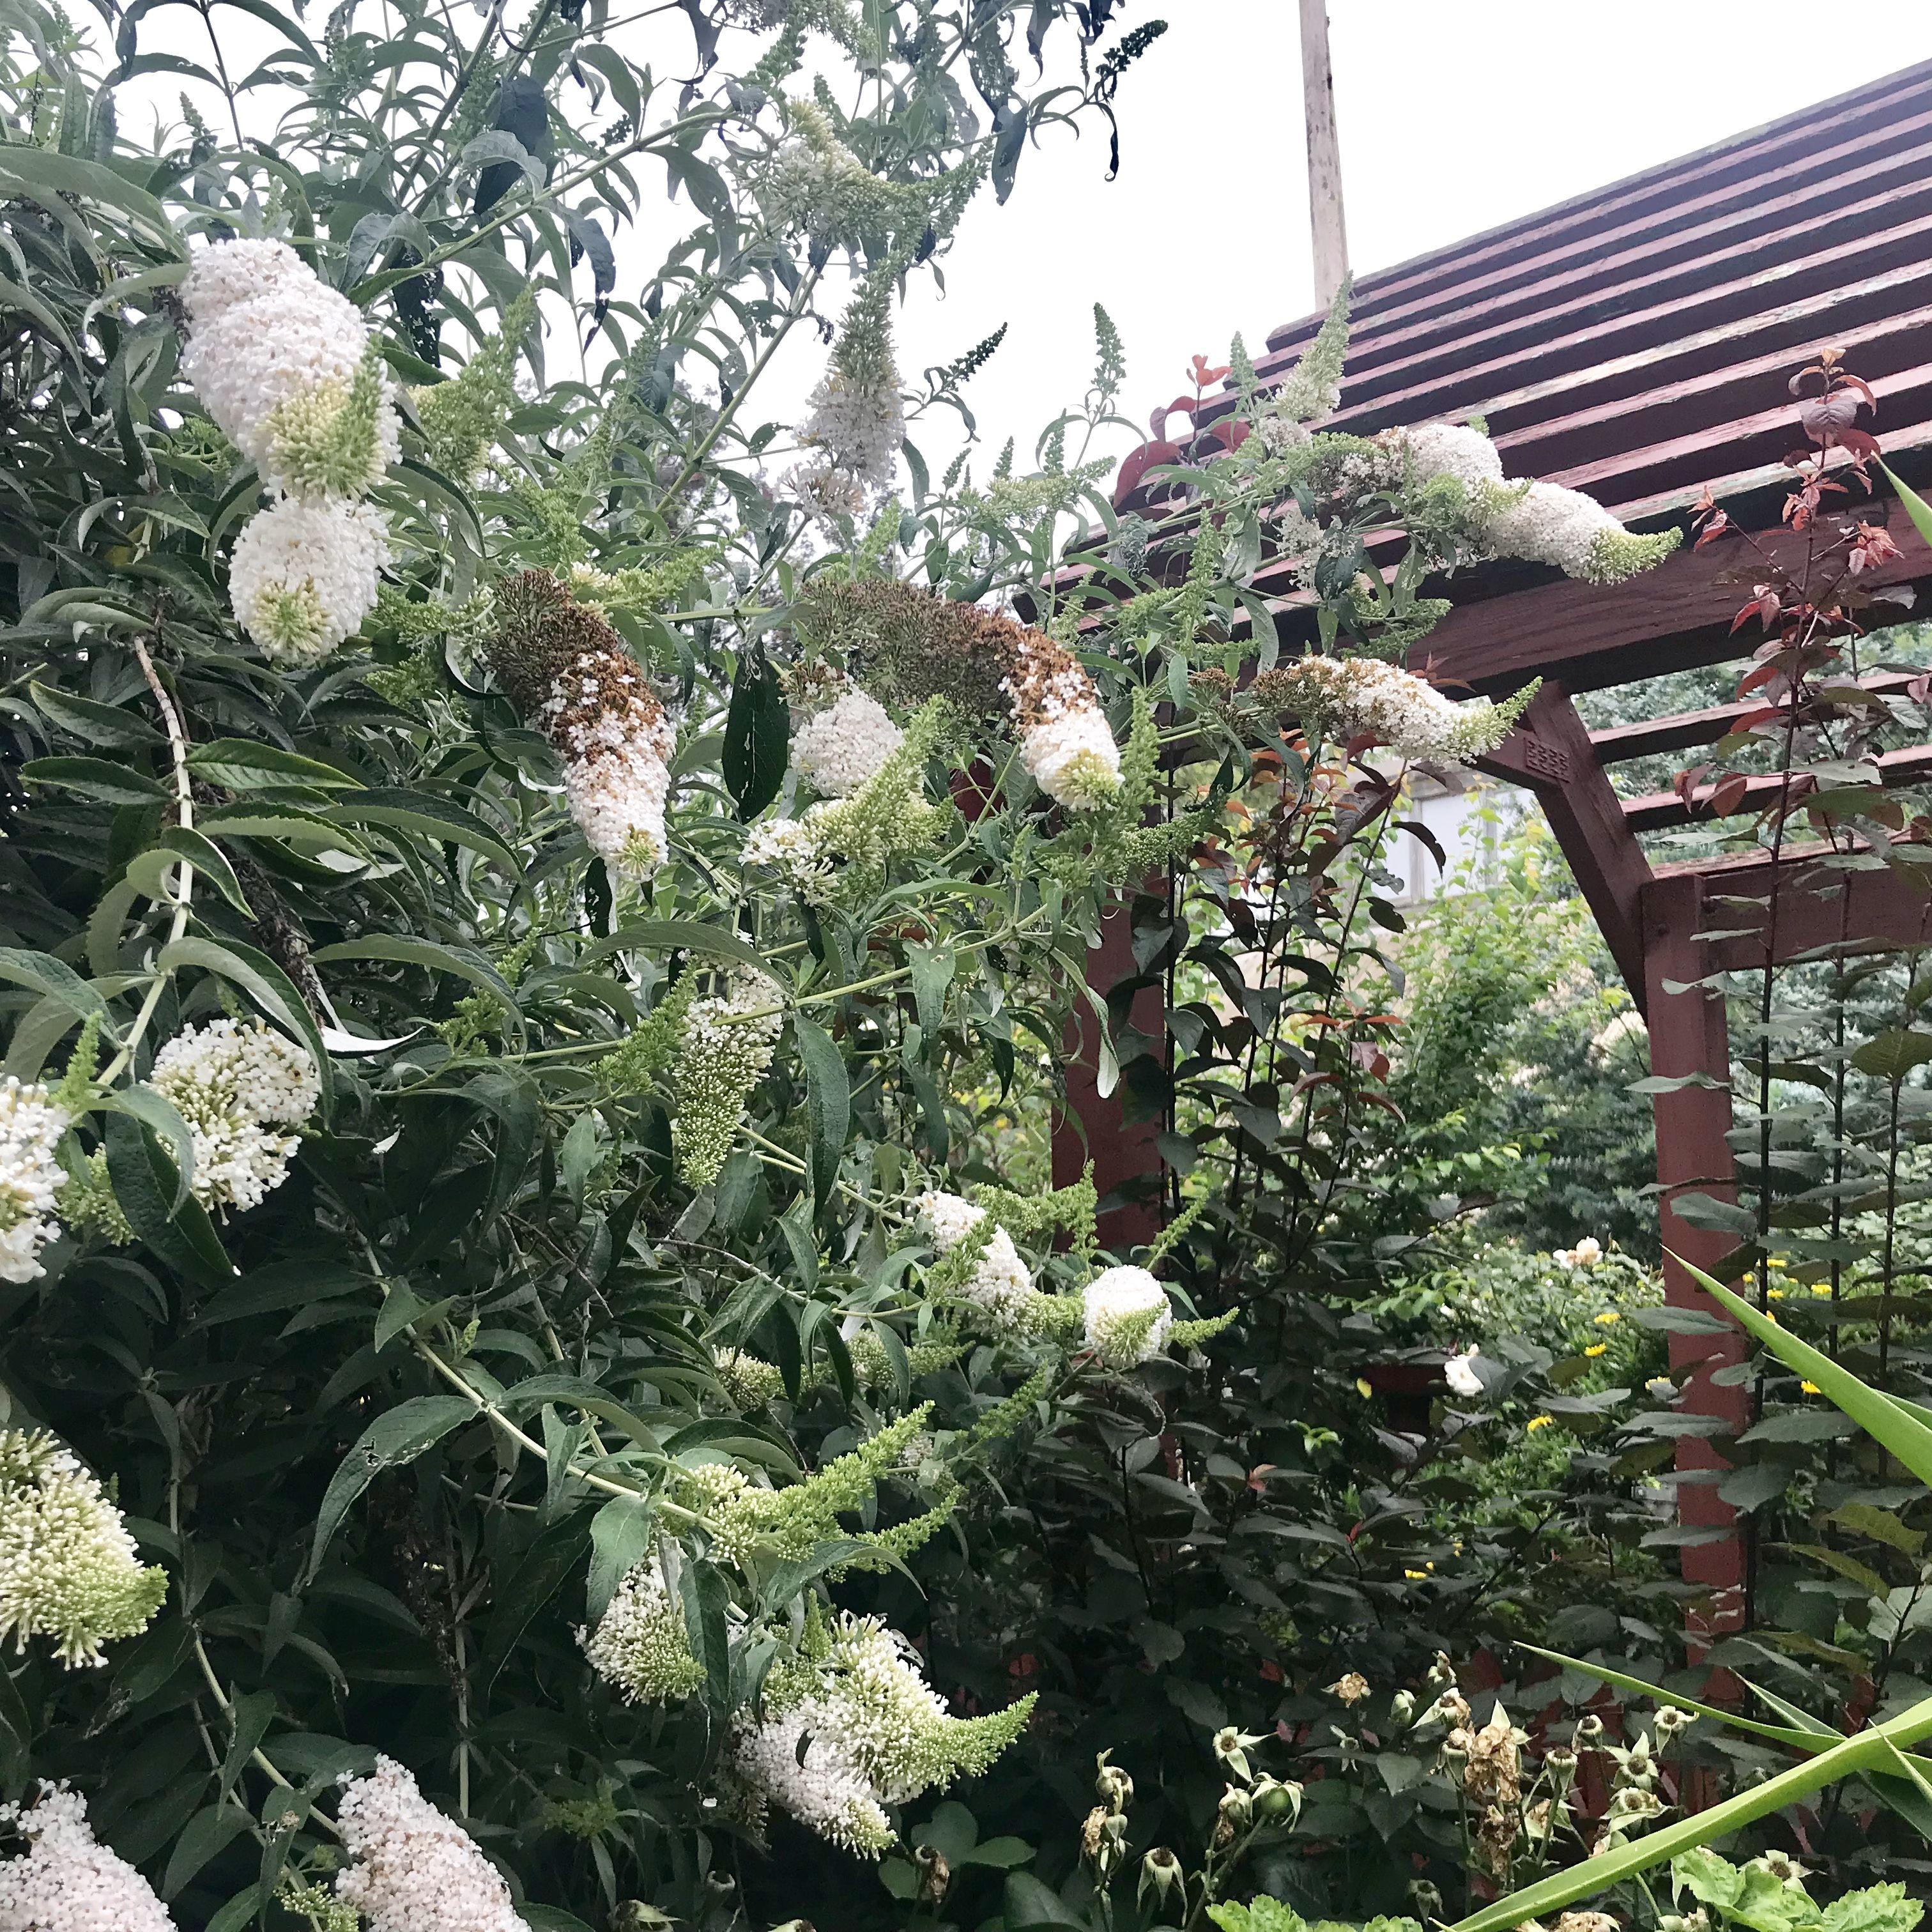 Bacchus Marsh Primary School Gardens Beautiful Garden Ideas Diy Cheap Garden Ideas Cheap School Garden